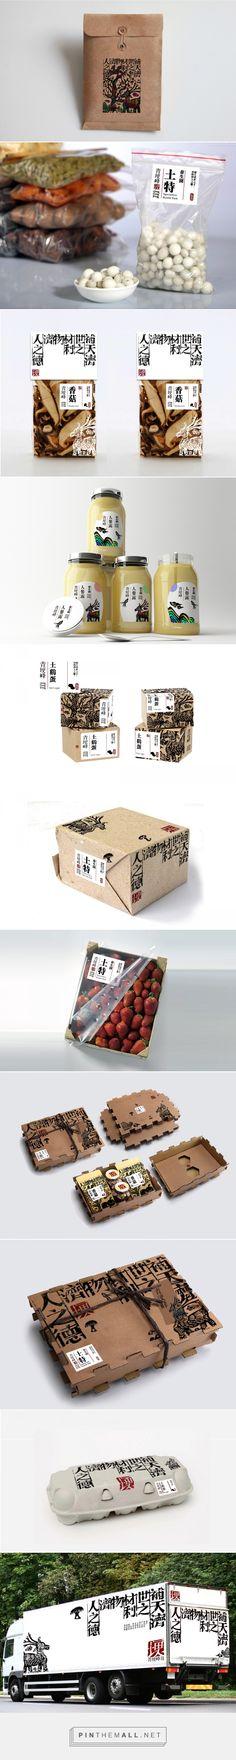 青埂峰养生土特园 on Behance by Heyes Design, Zhengzhou, China curated by Packaging Diva PD. I think this says Qing Geng Feng but in any case it's beautiful packaging branding design work.